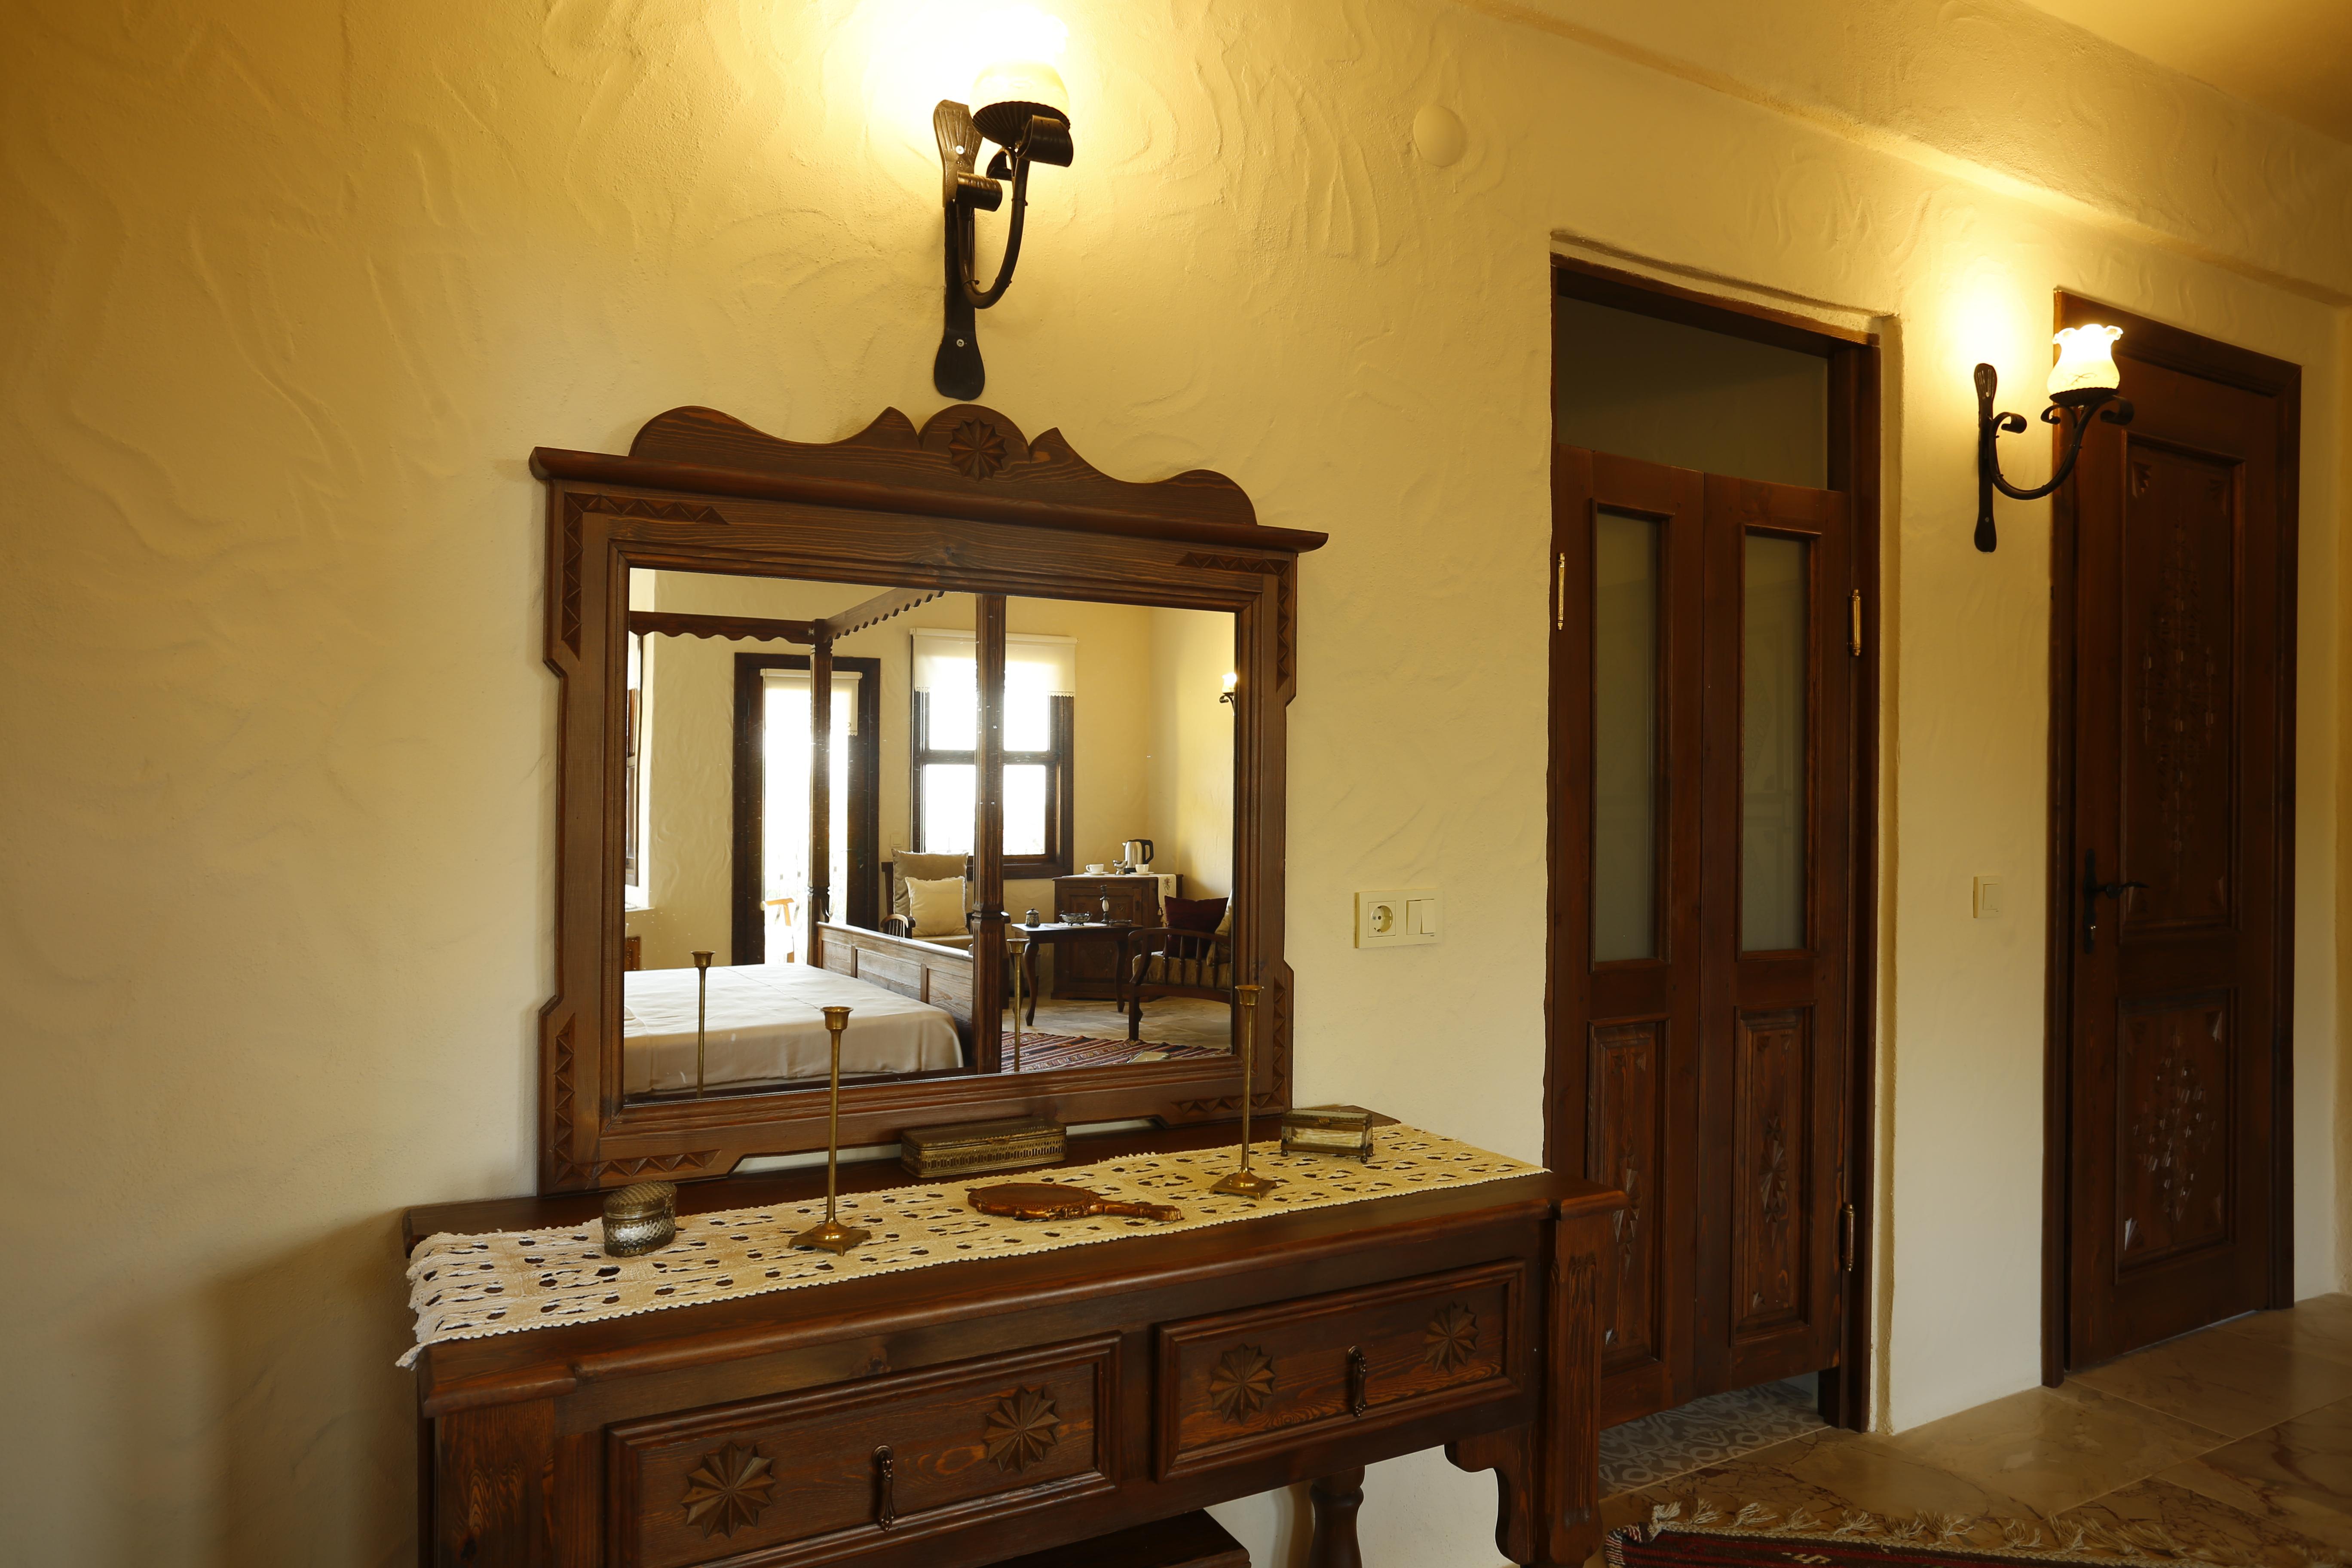 Appartement de vacances Luxurise Unterkunft und persnliches Ambiente in unzerstrter Natur (2124814), Fethiye, , Région Egéenne, Turquie, image 12